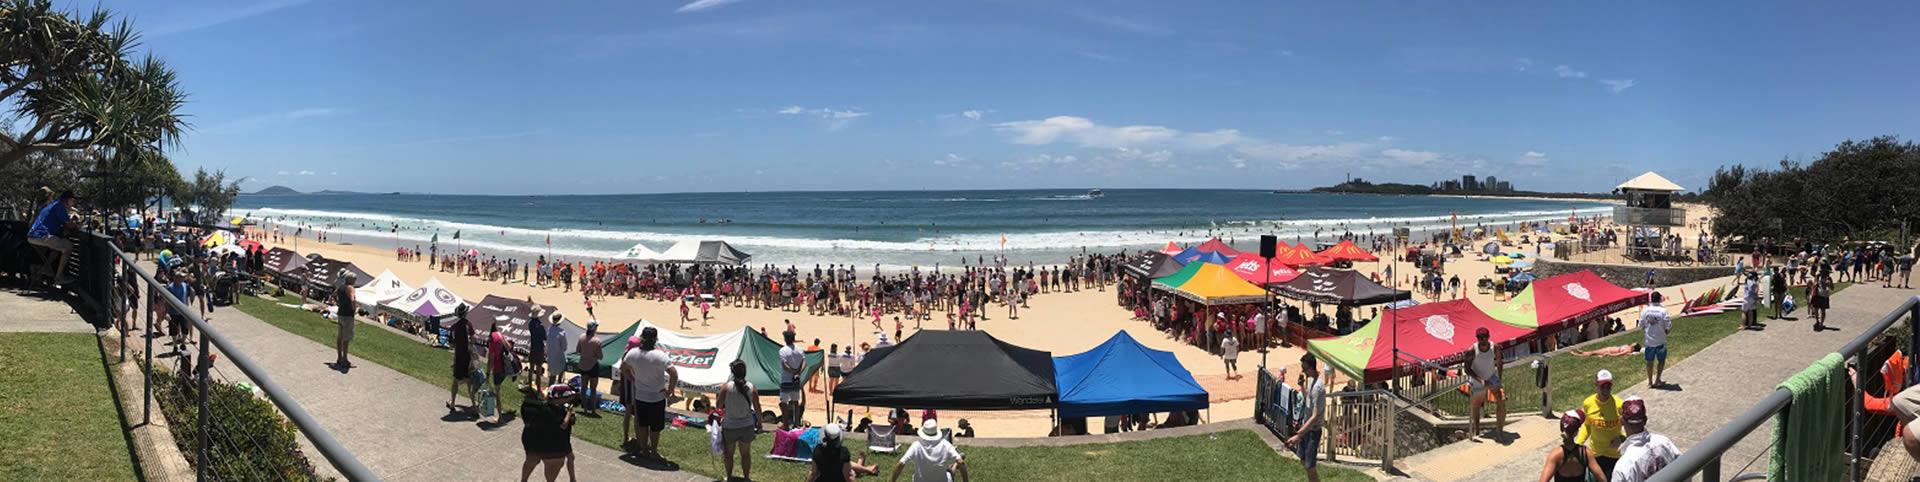 Mooloolaba Surf Lifesaving Club